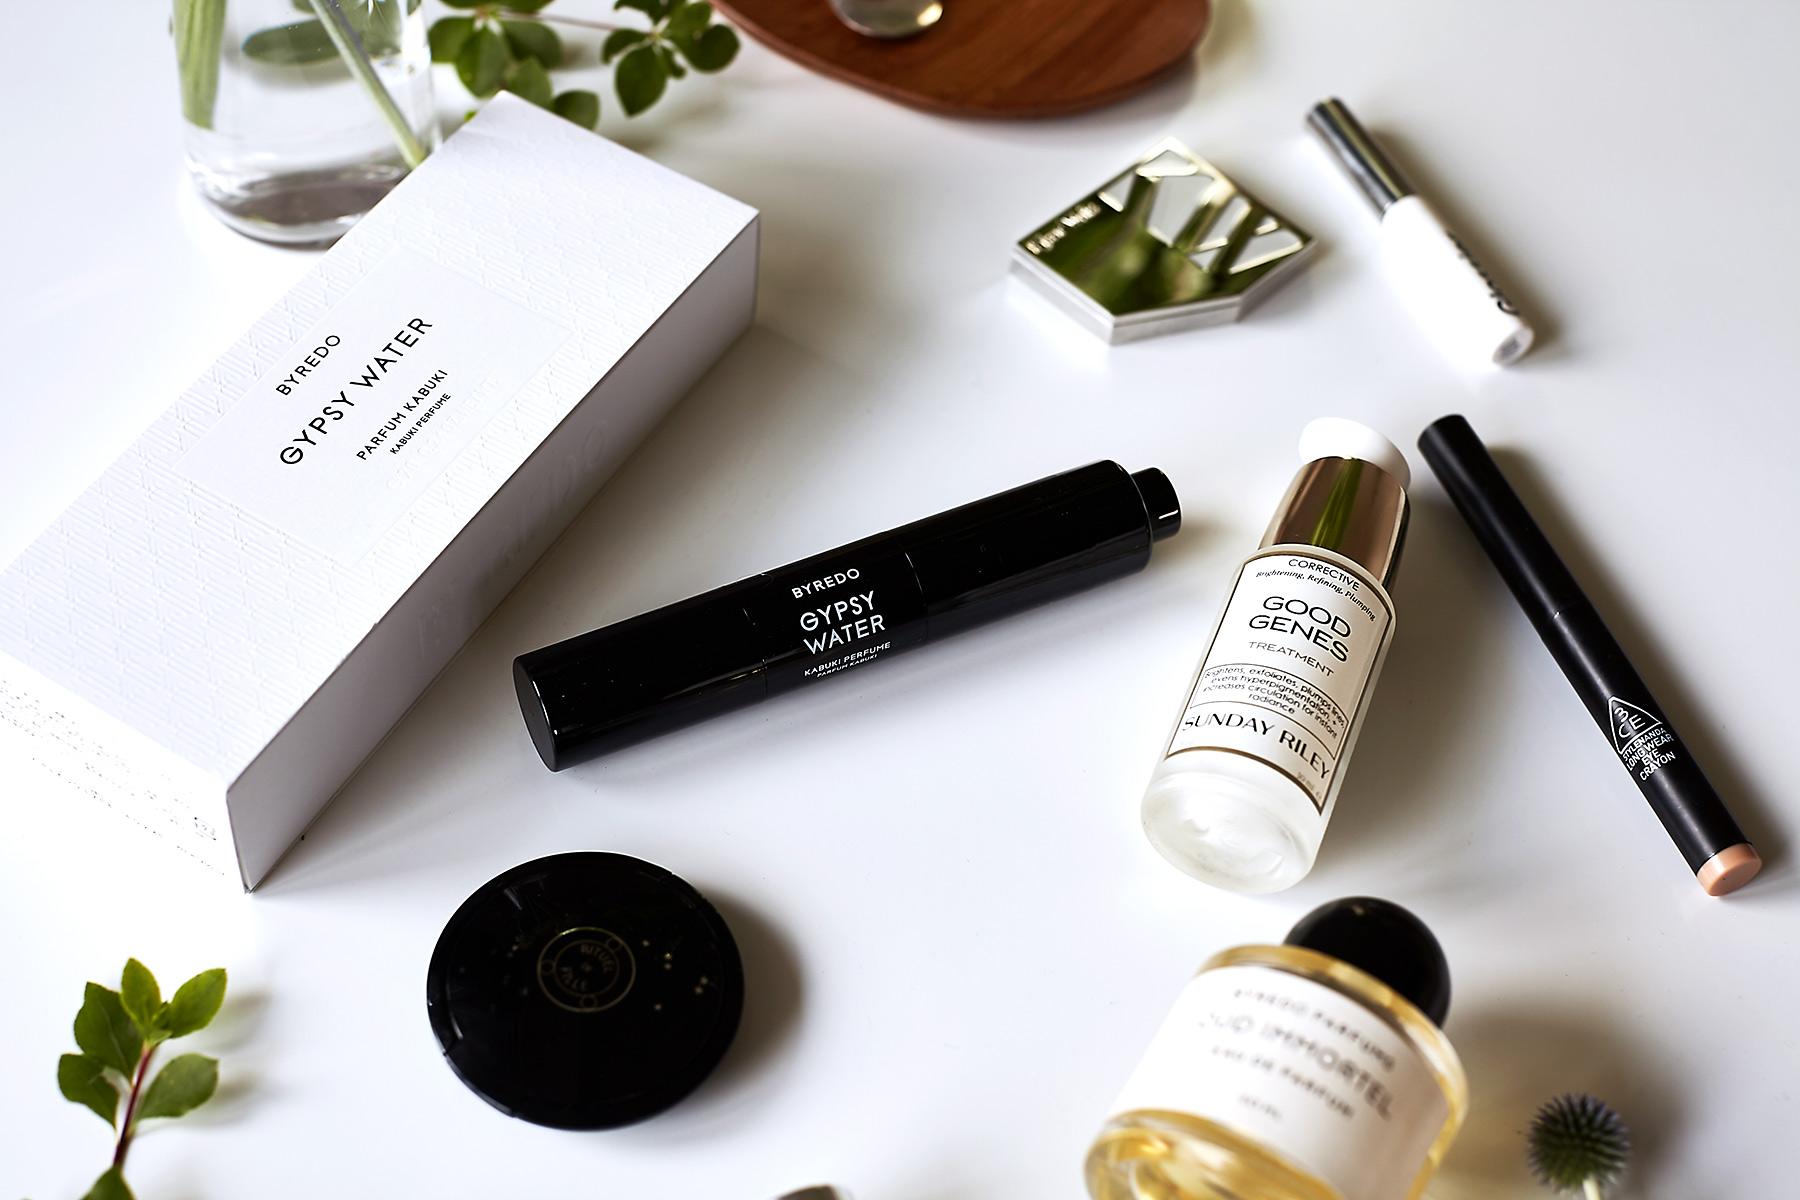 Byredo Kabuki brush perfume